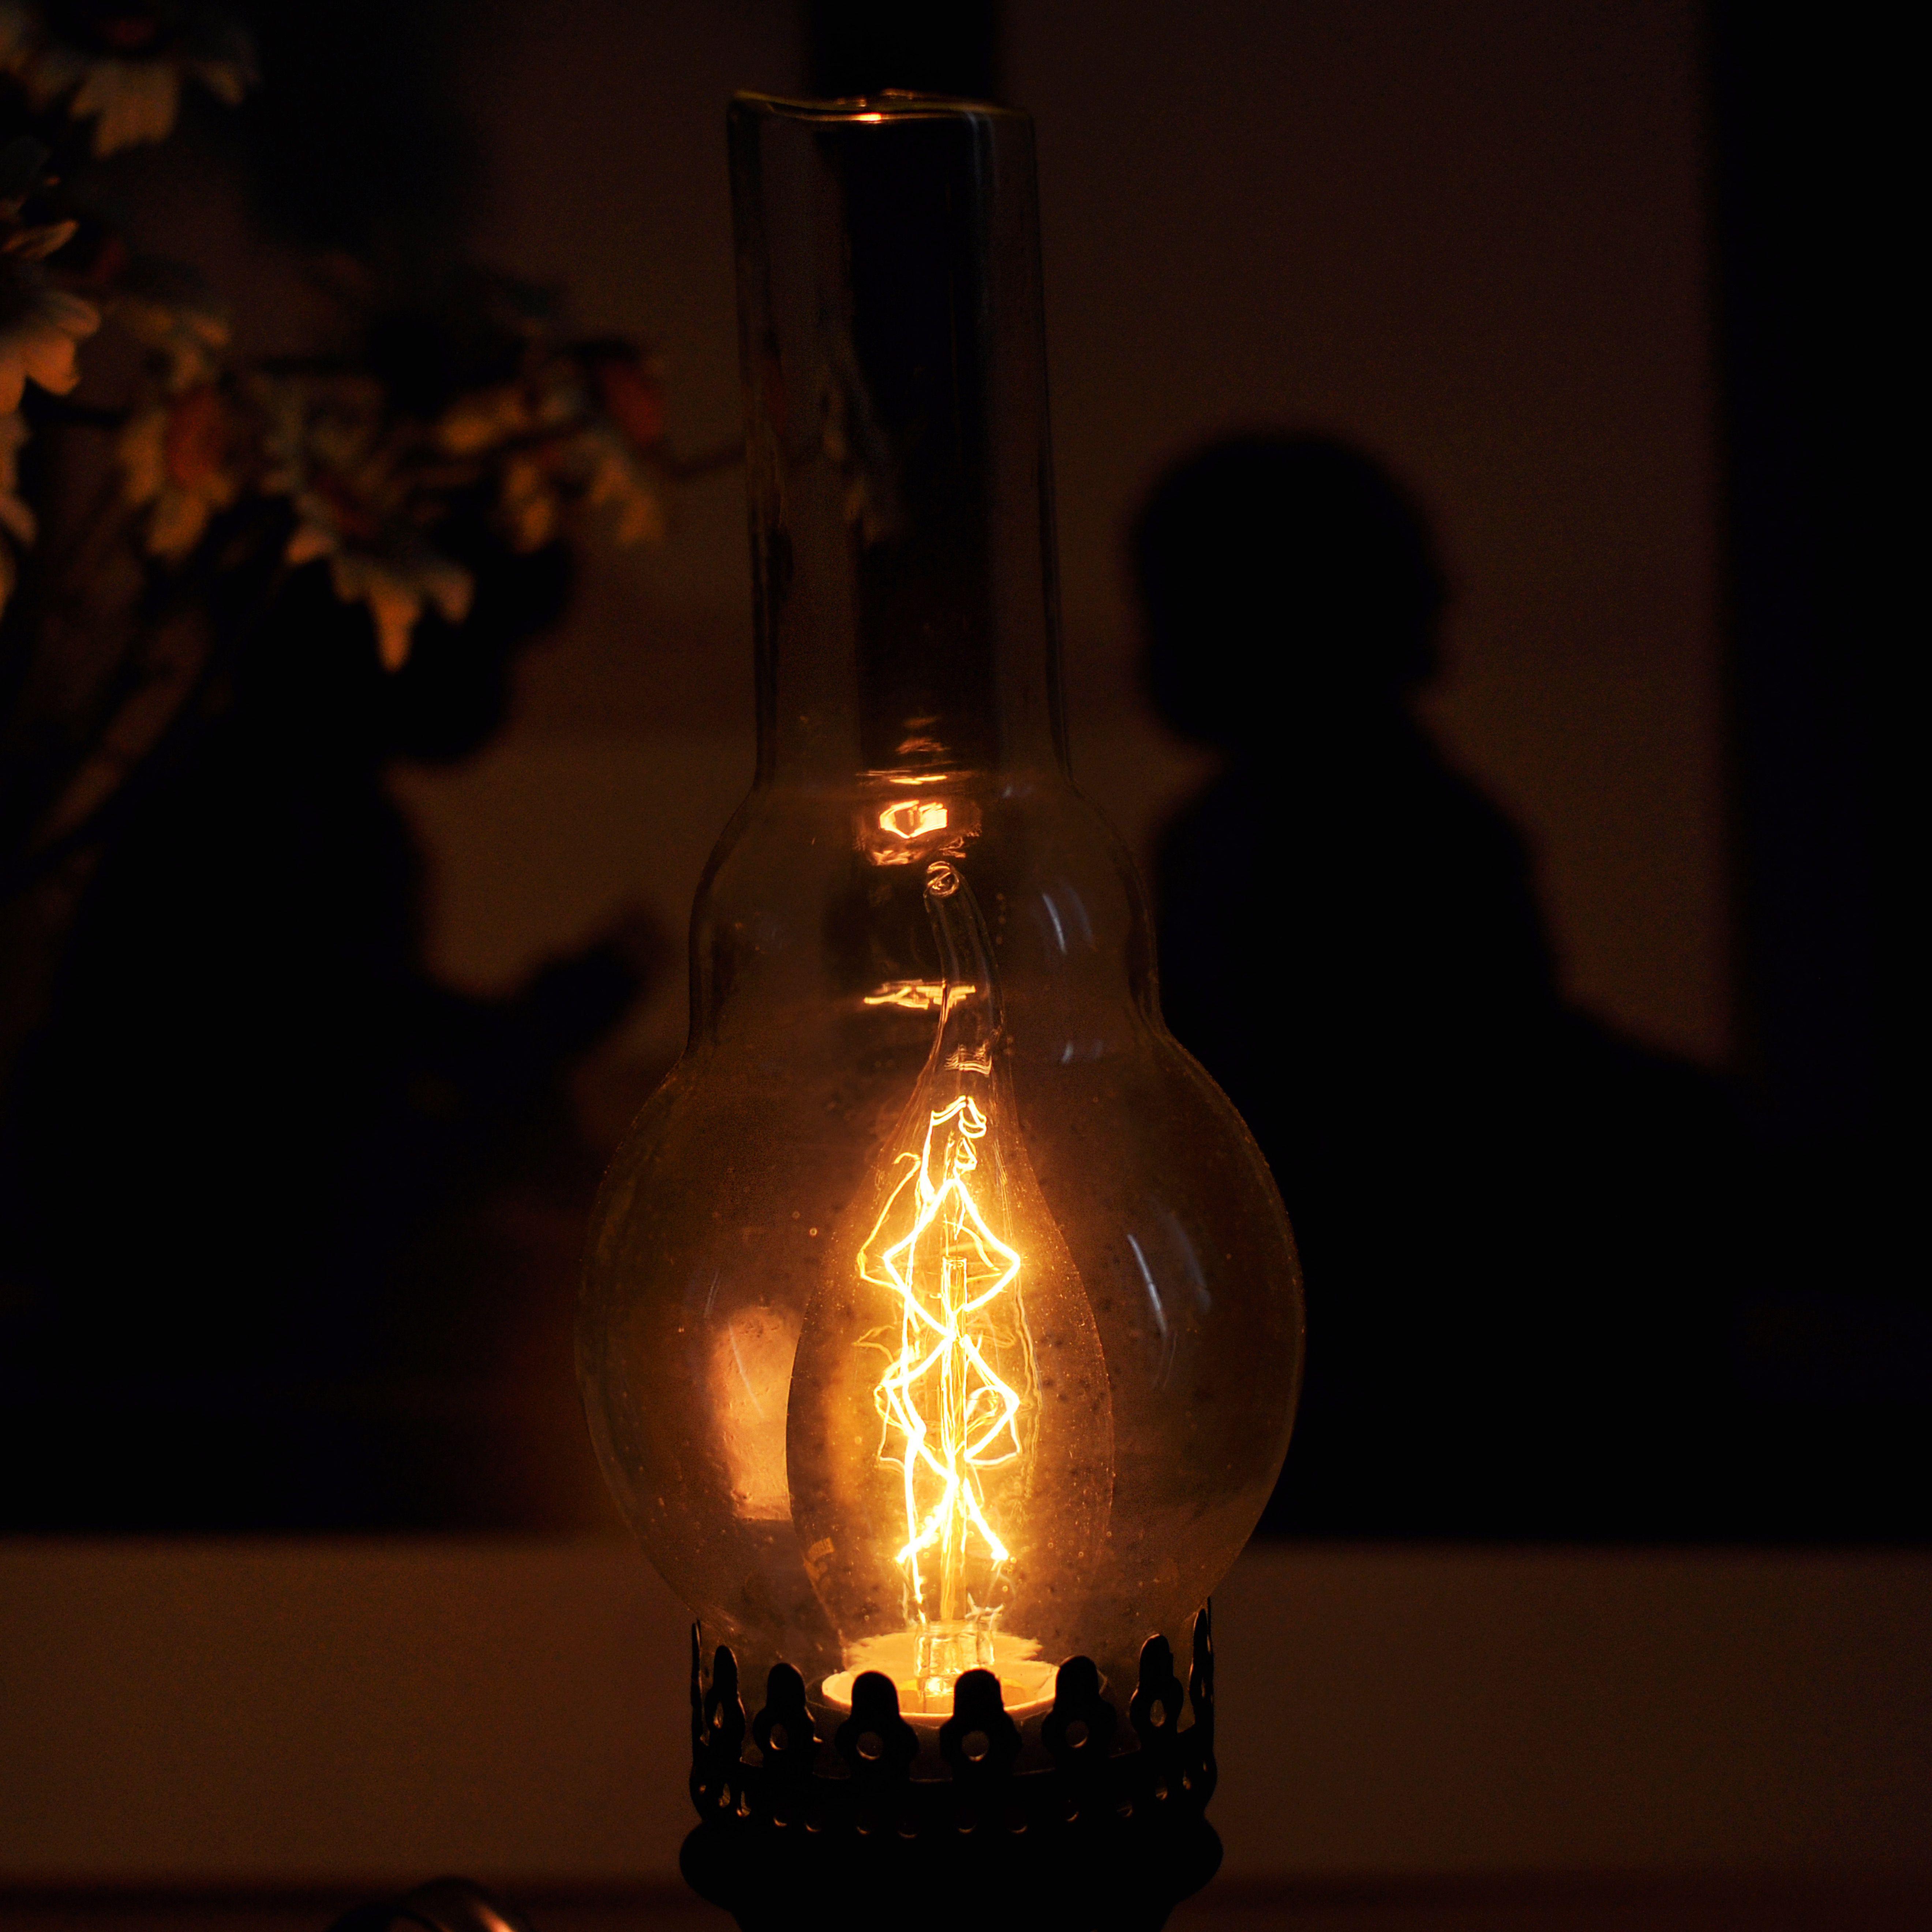 керосинка винтажнаялампа купитьлампу лампанадачу ретролампа лампалофт ночник ретро электролампа лампа винтаж купитьподарок подарок